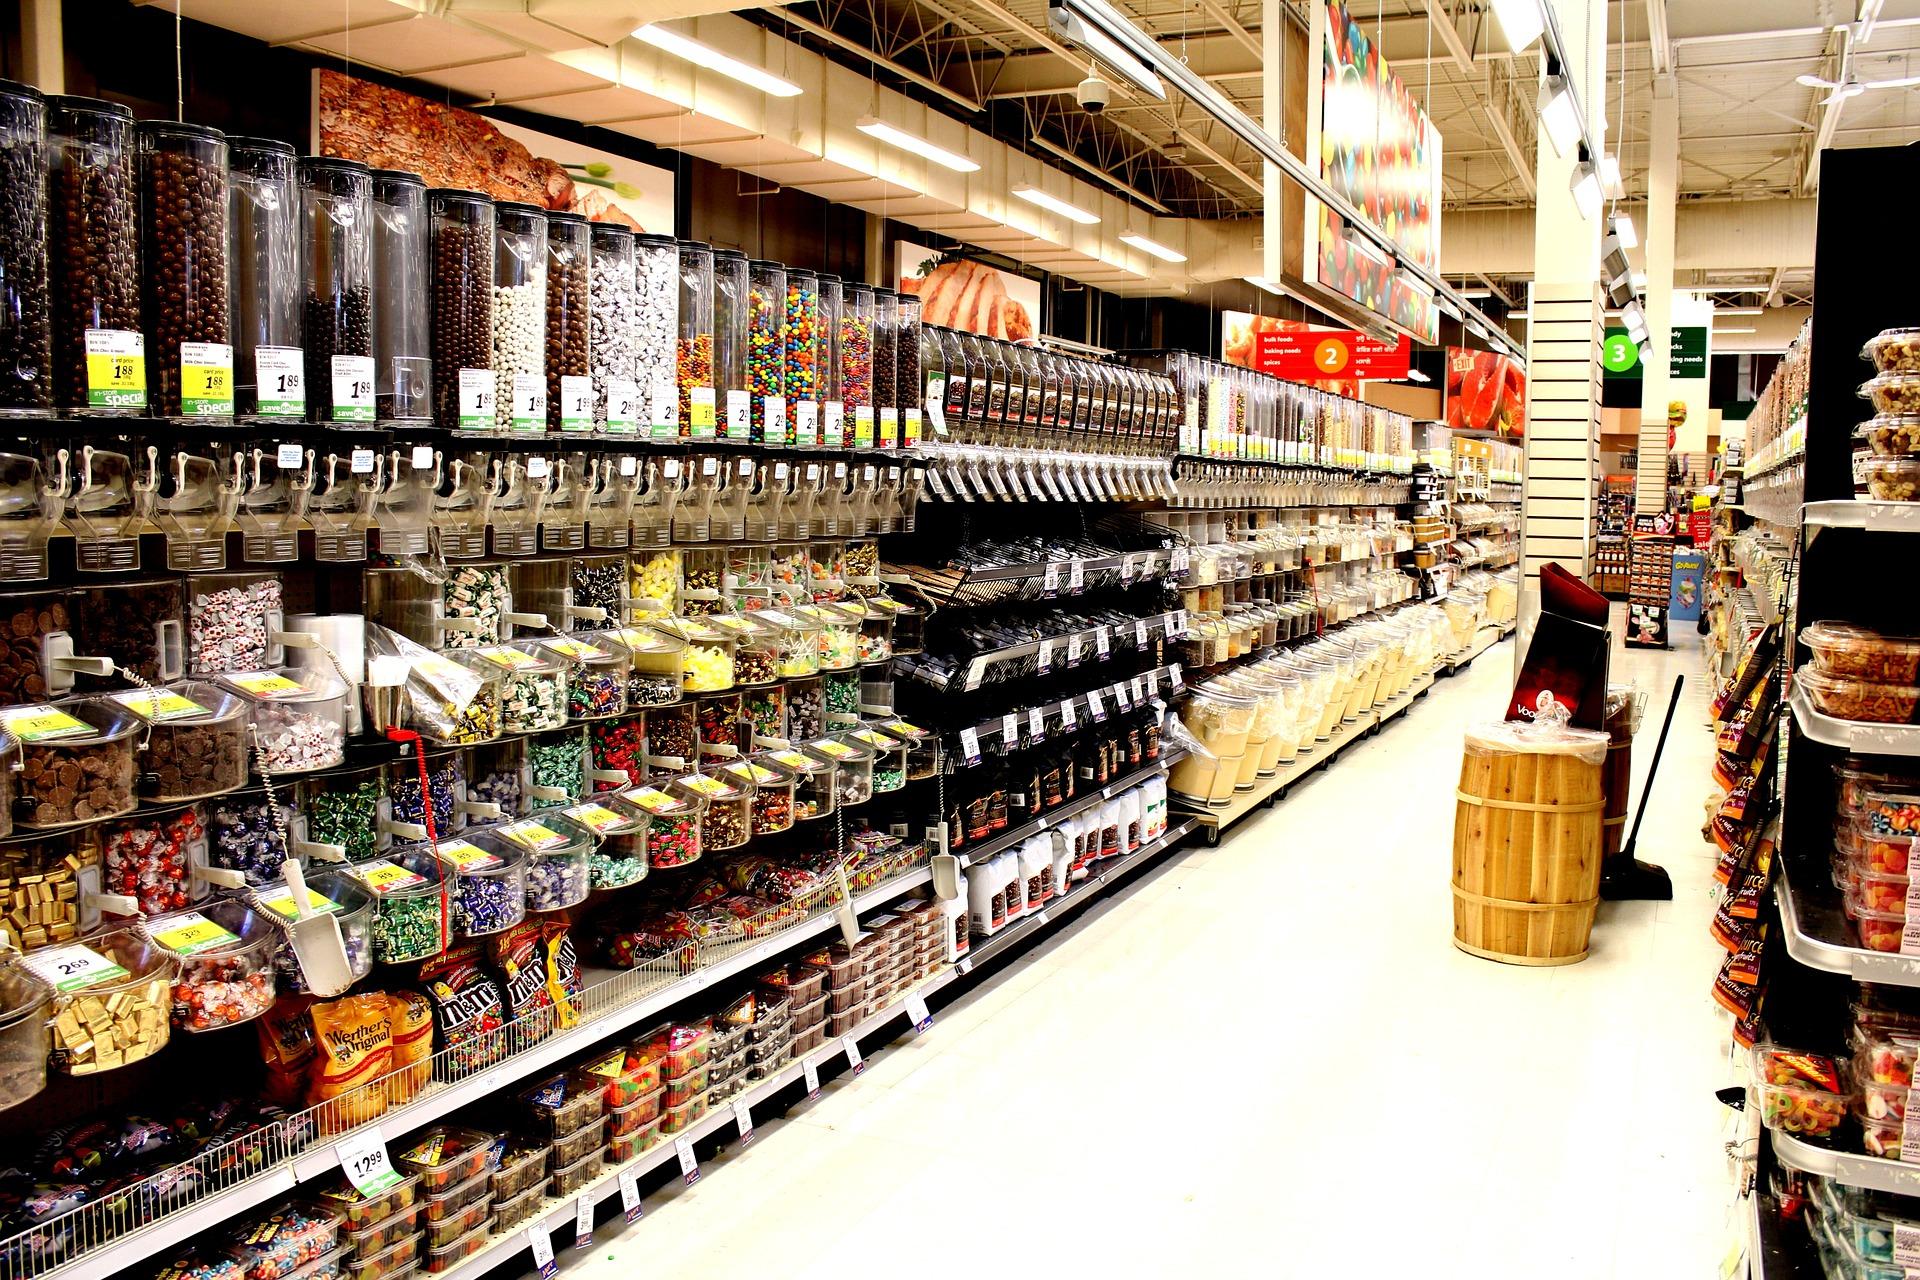 Bulk food aisle